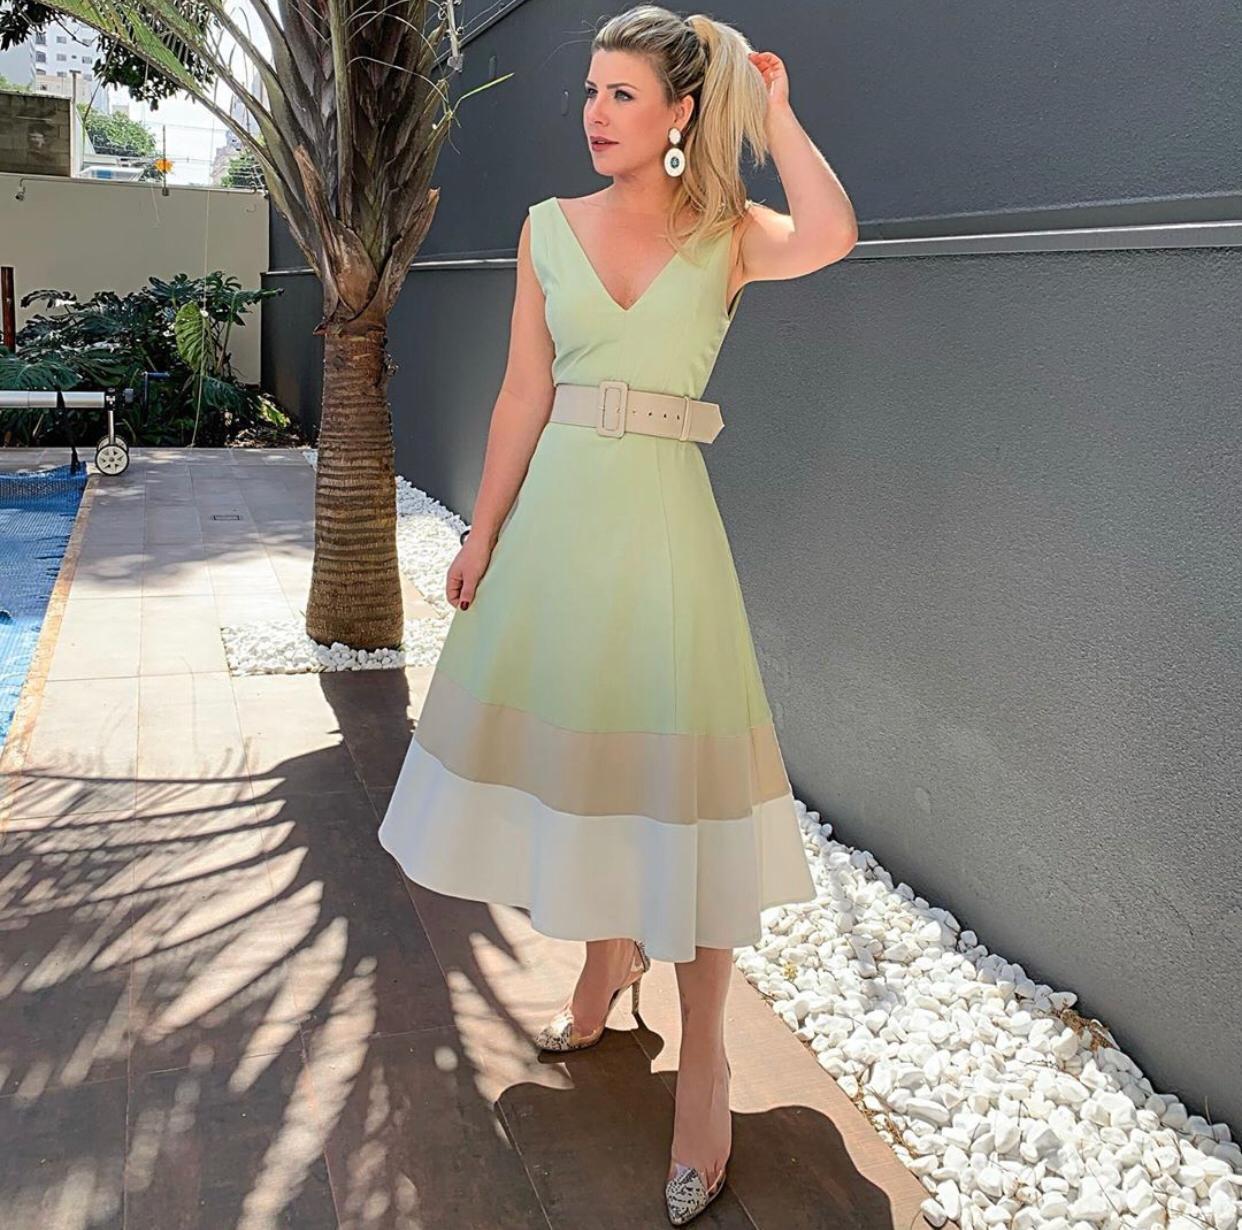 Vestido Veronica Linho + Cinto 2% Elastano